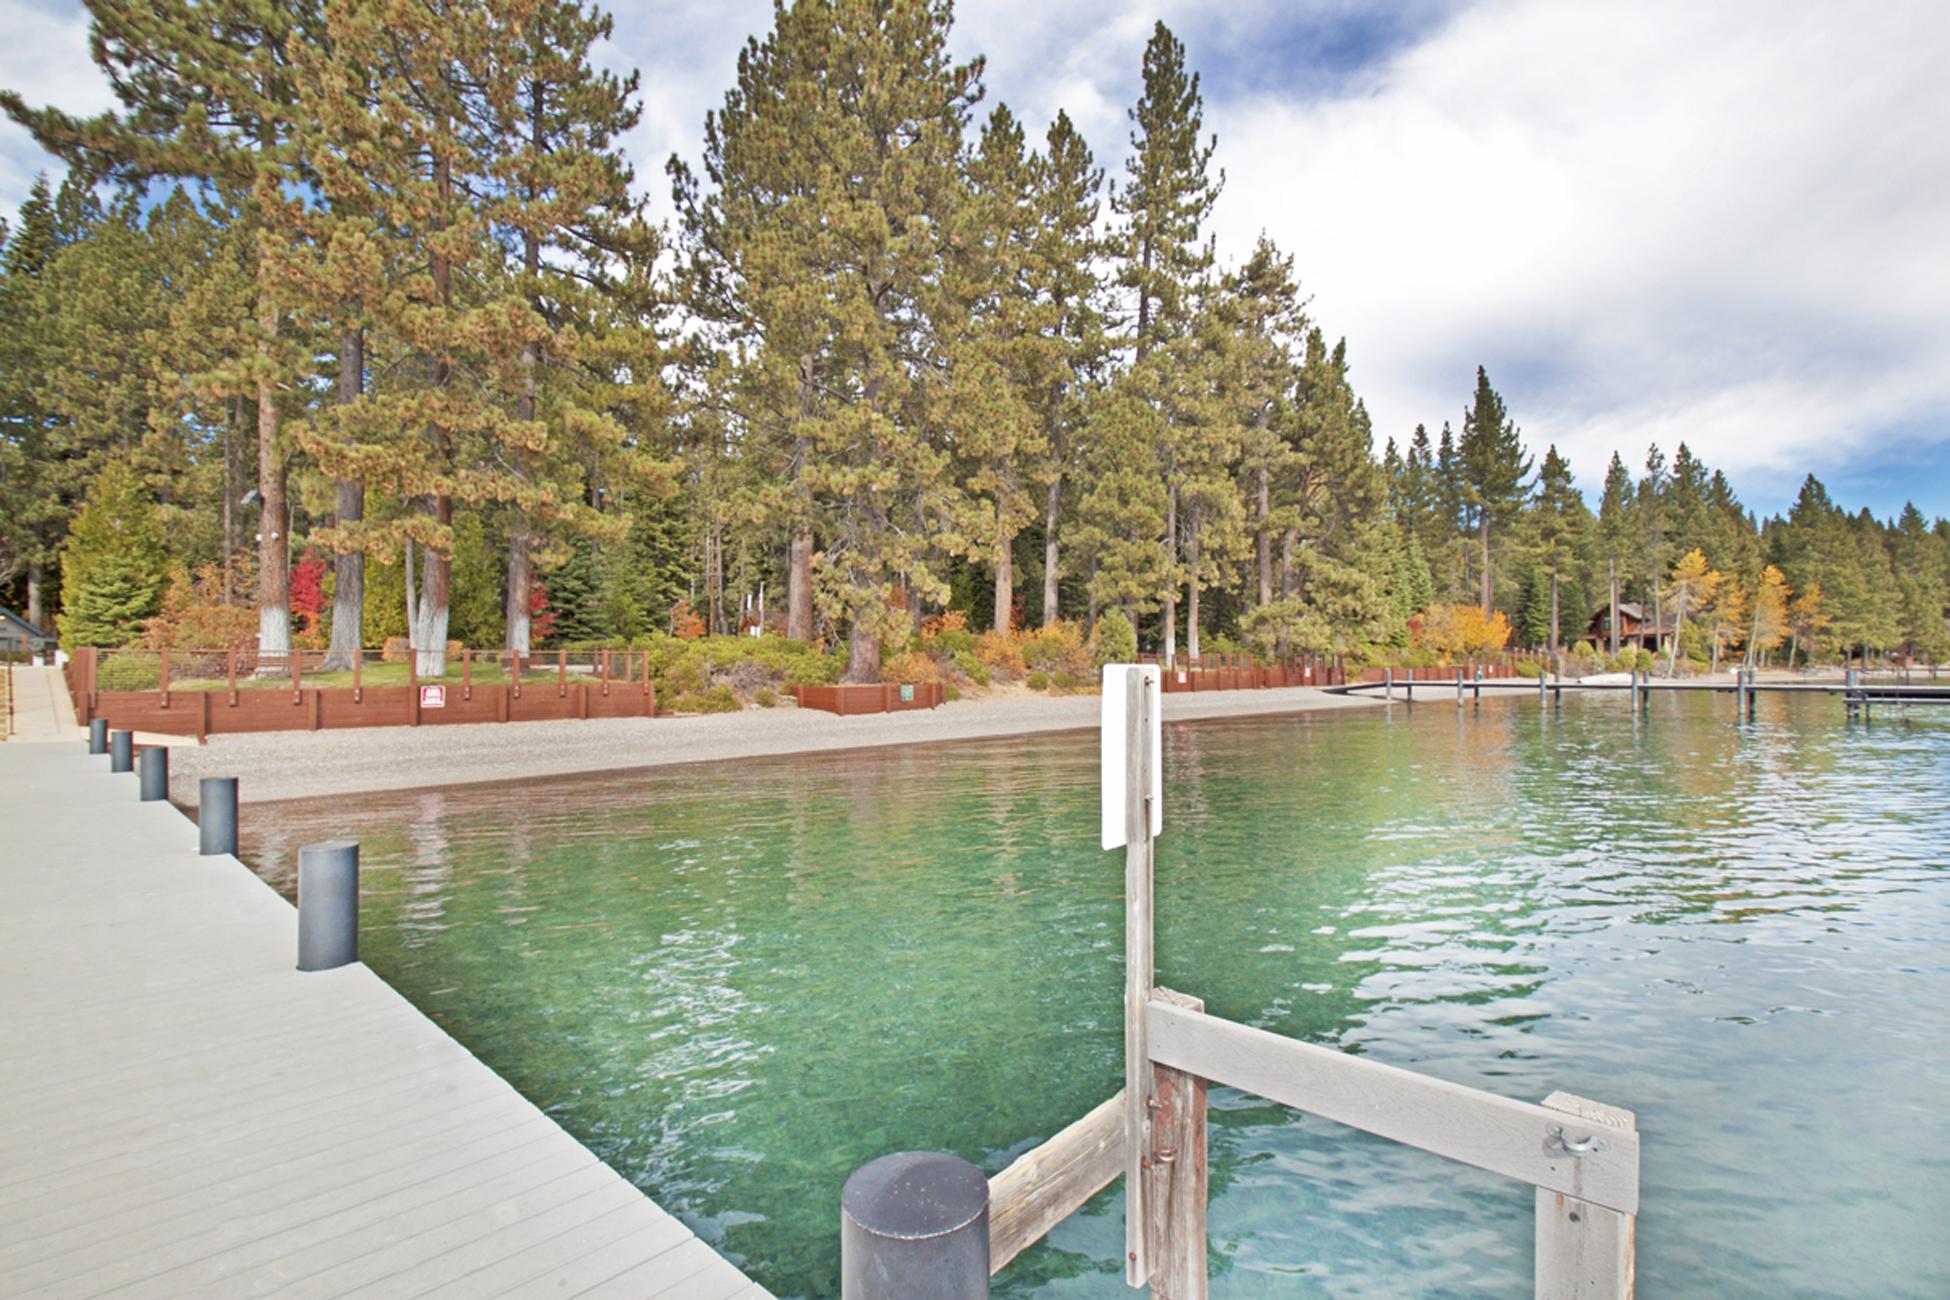 Listing Image 39 for Karley's Lake Lodge